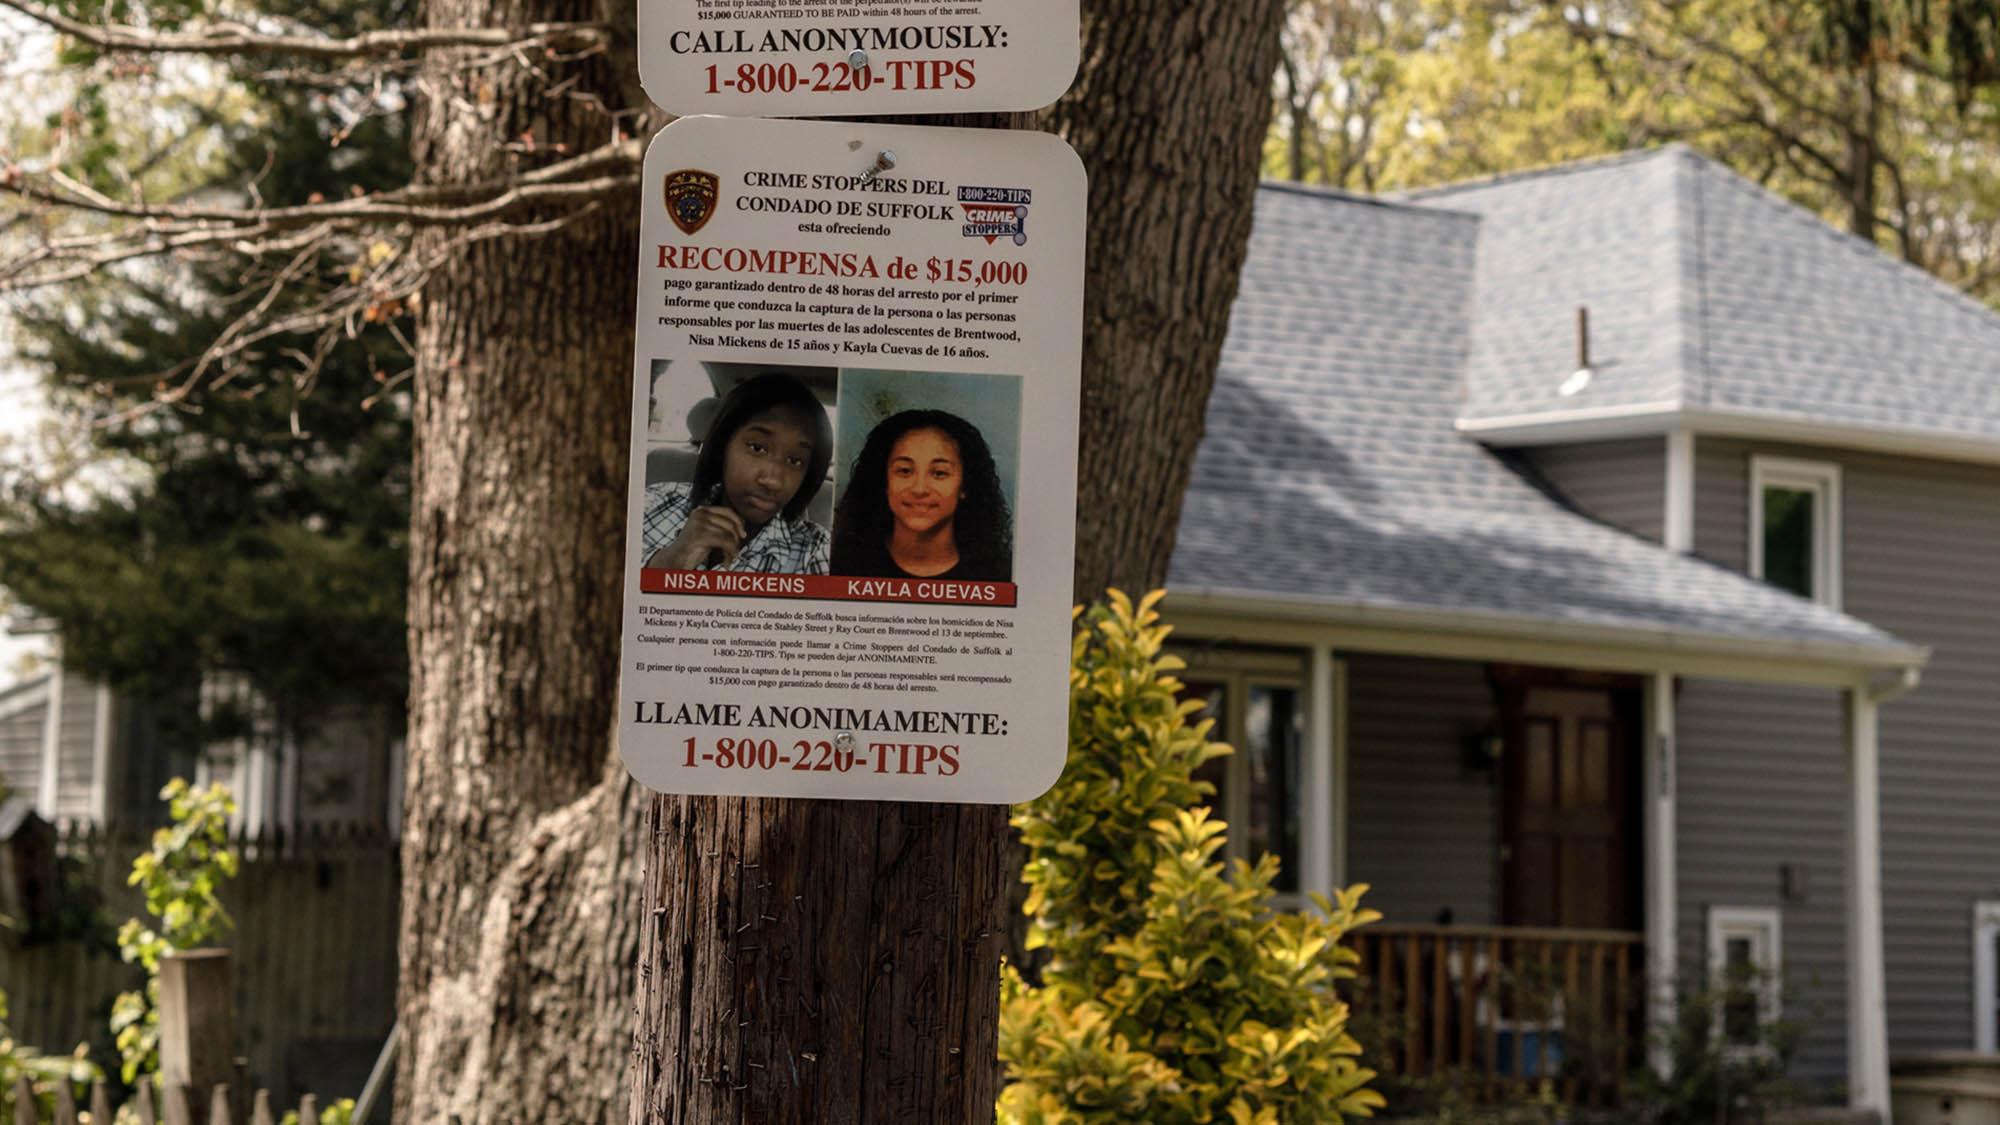 Muerte en los suburbios: los asesinatos de la MS-13 en Long Island